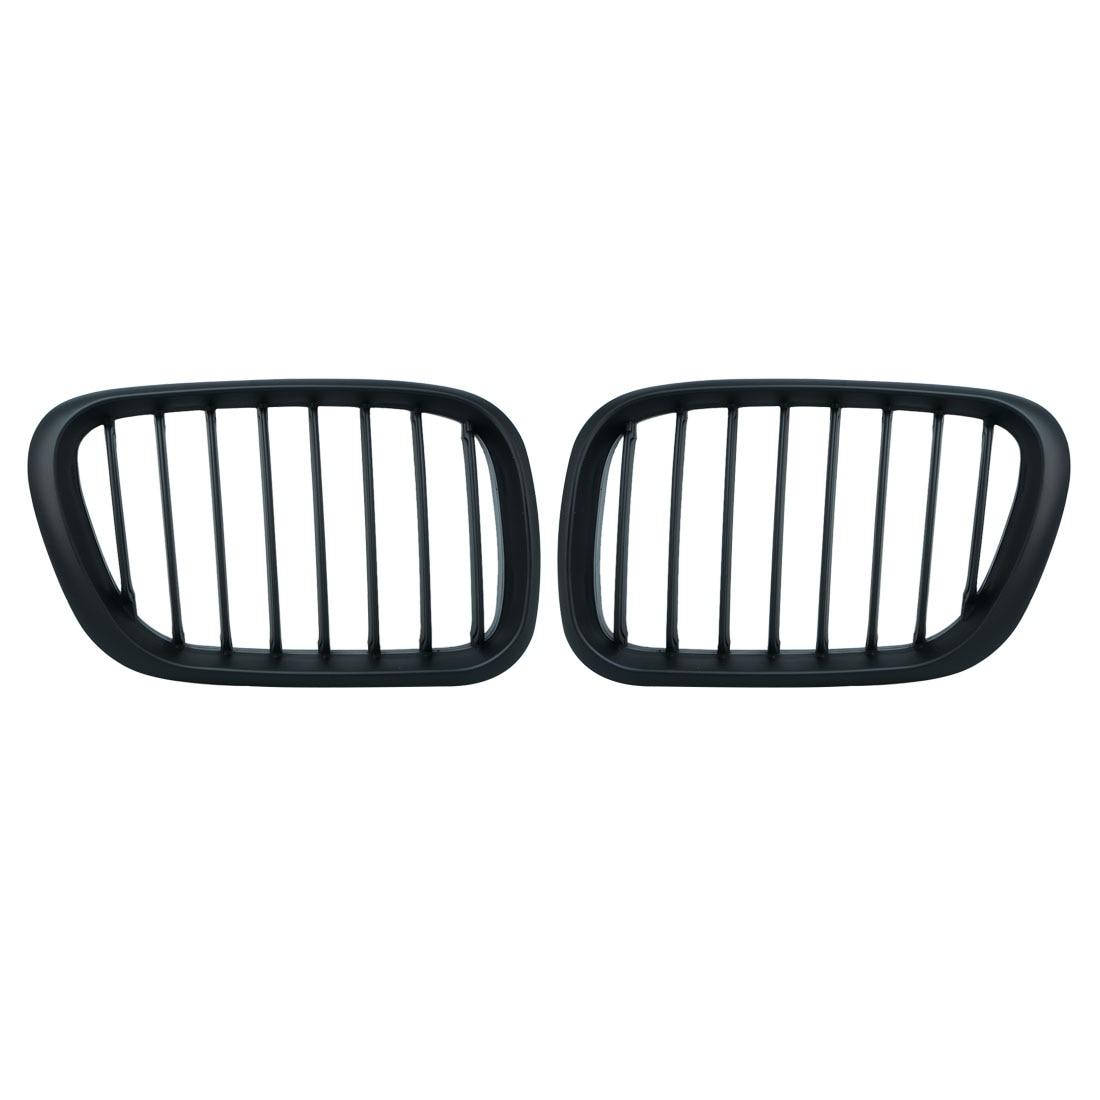 1 paire de Grilles à lamelles avant noir brillant E53 veuillez griller pour BMW E53 X5 1998-2003 accessoire de voiture